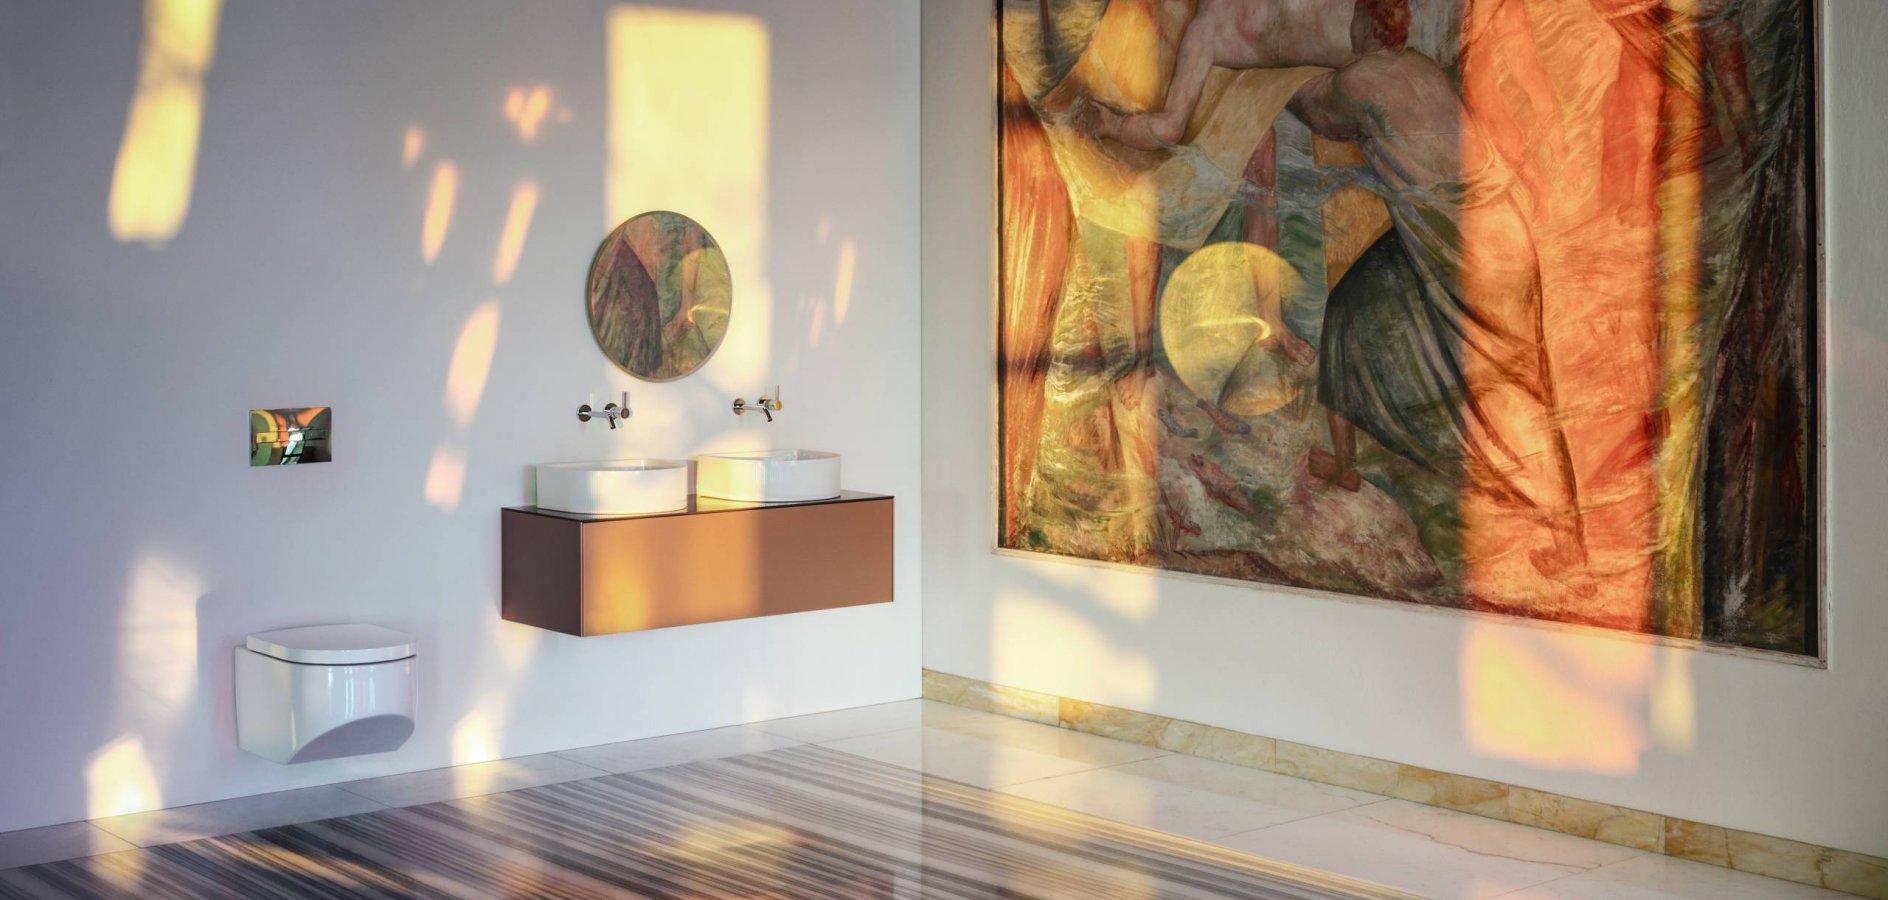 sonar, patriciaurquiola, design, trend, bathrooms, saphirkeramik